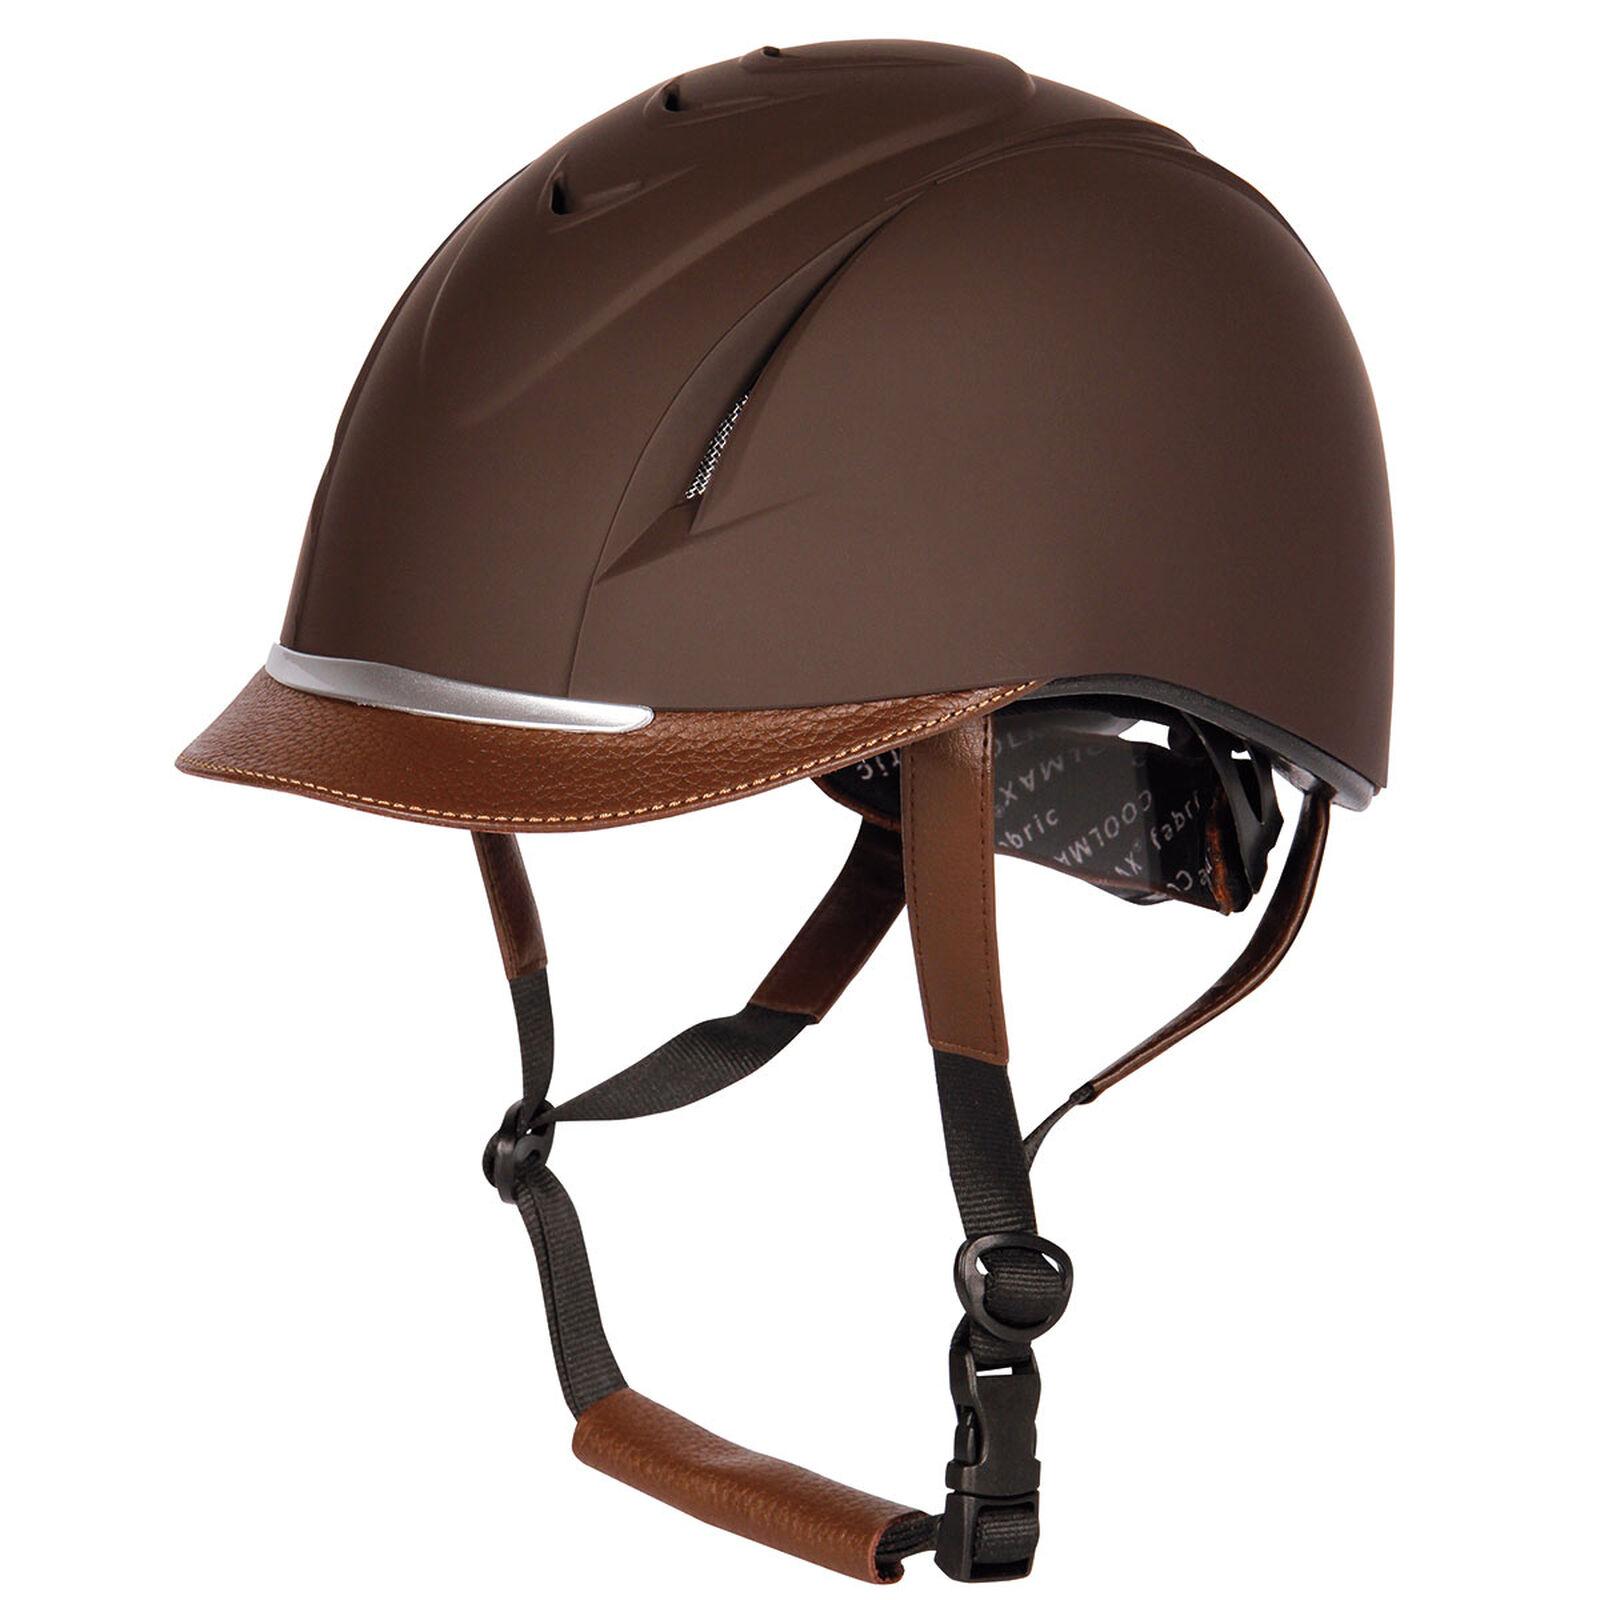 Women Men Horse Riding Helmet Hat Easy Wear Equestrian Equipment Safety Headwear